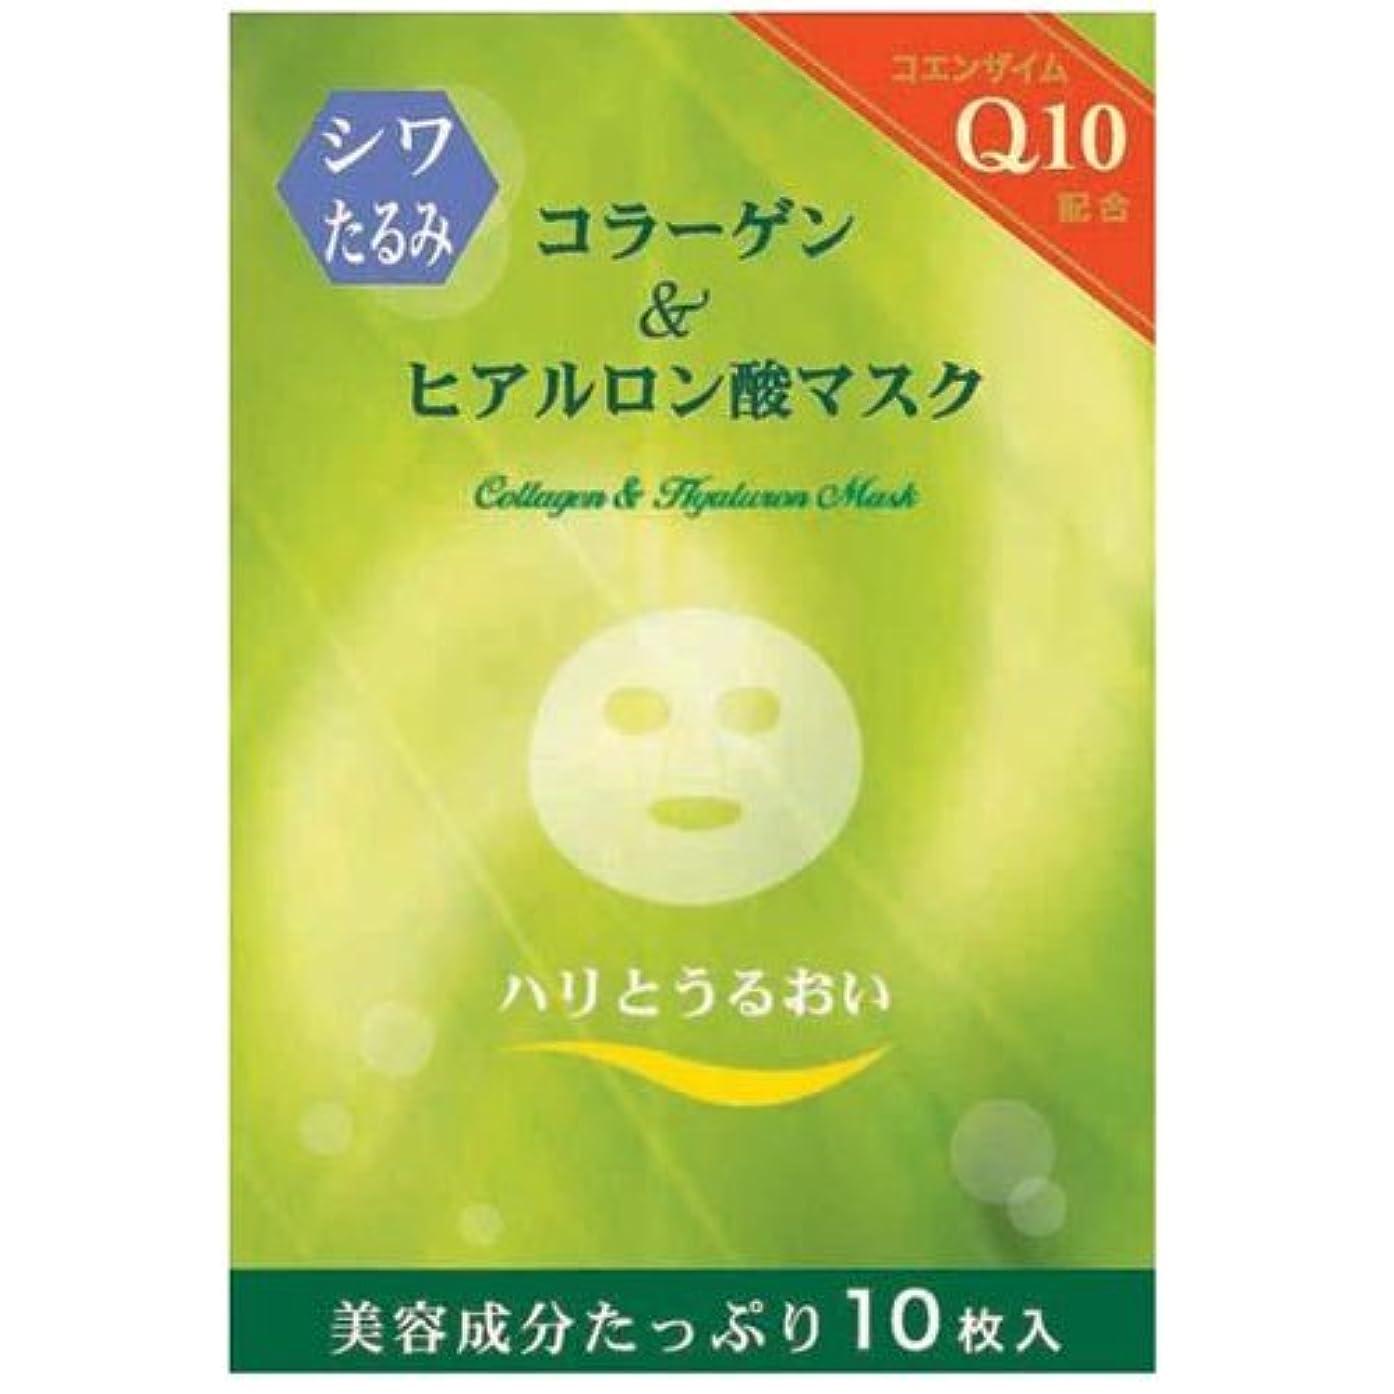 キノコ資料四分円コラーゲン&ヒアルロン酸マスク